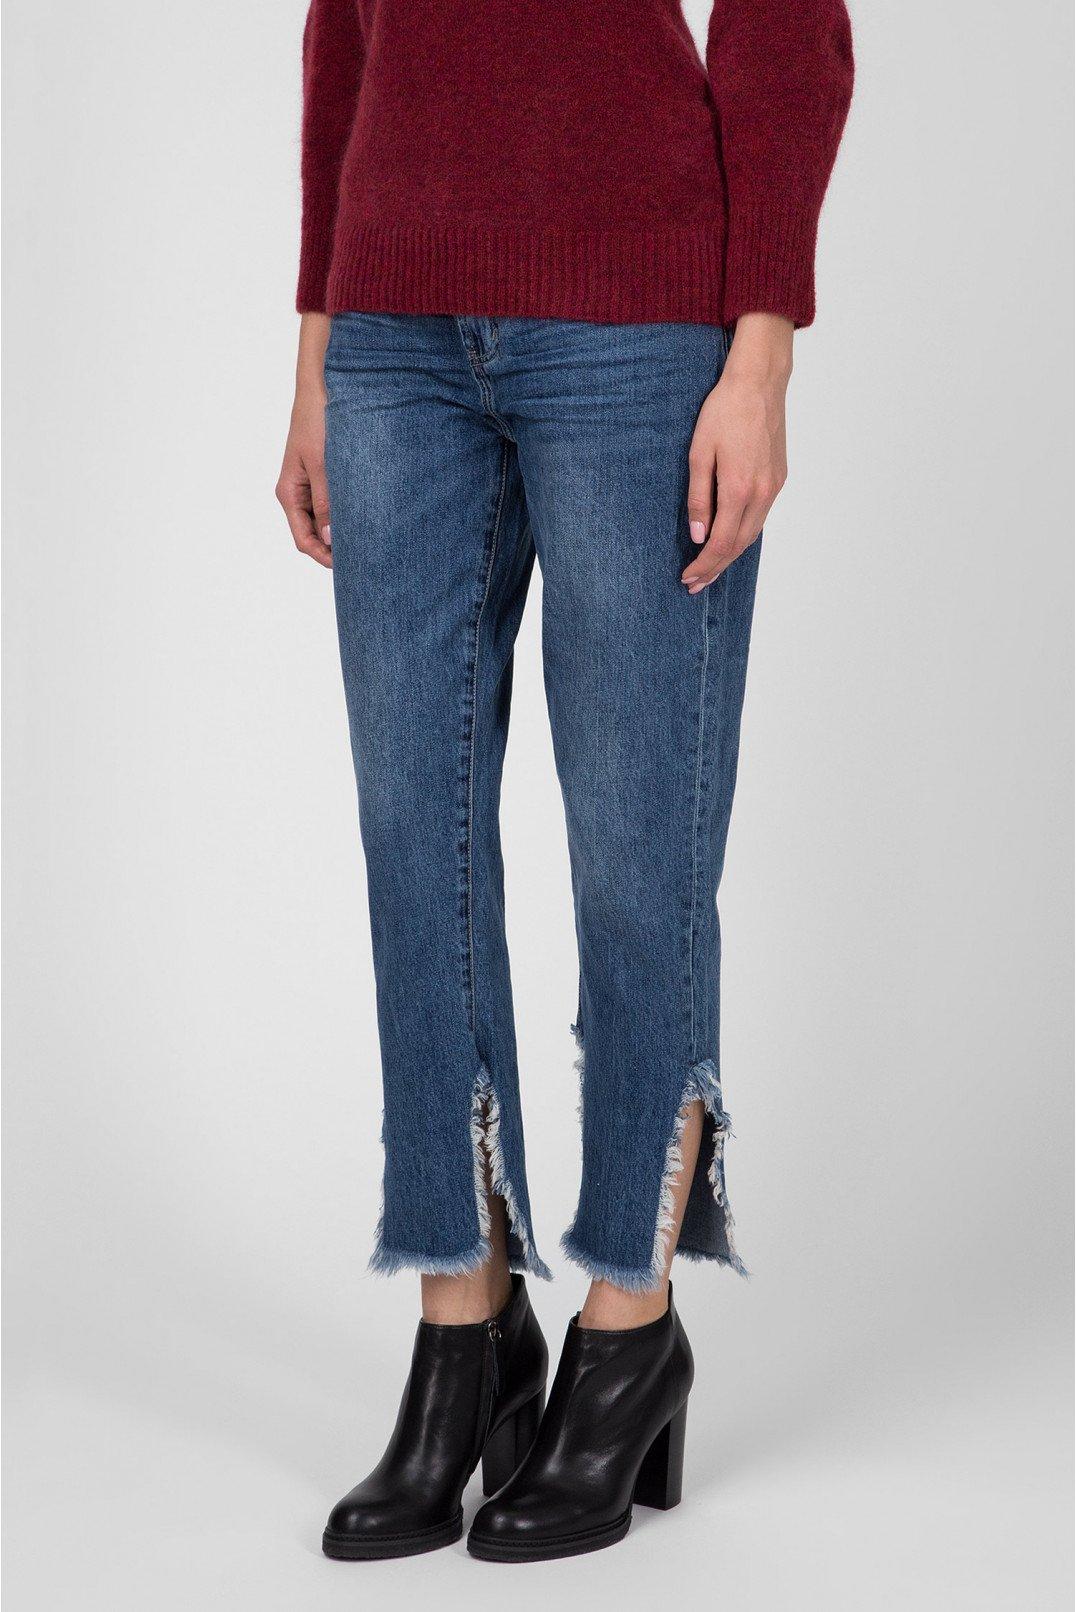 Жіночі сині джинси OXFORD AWESOME BAGGIES 1